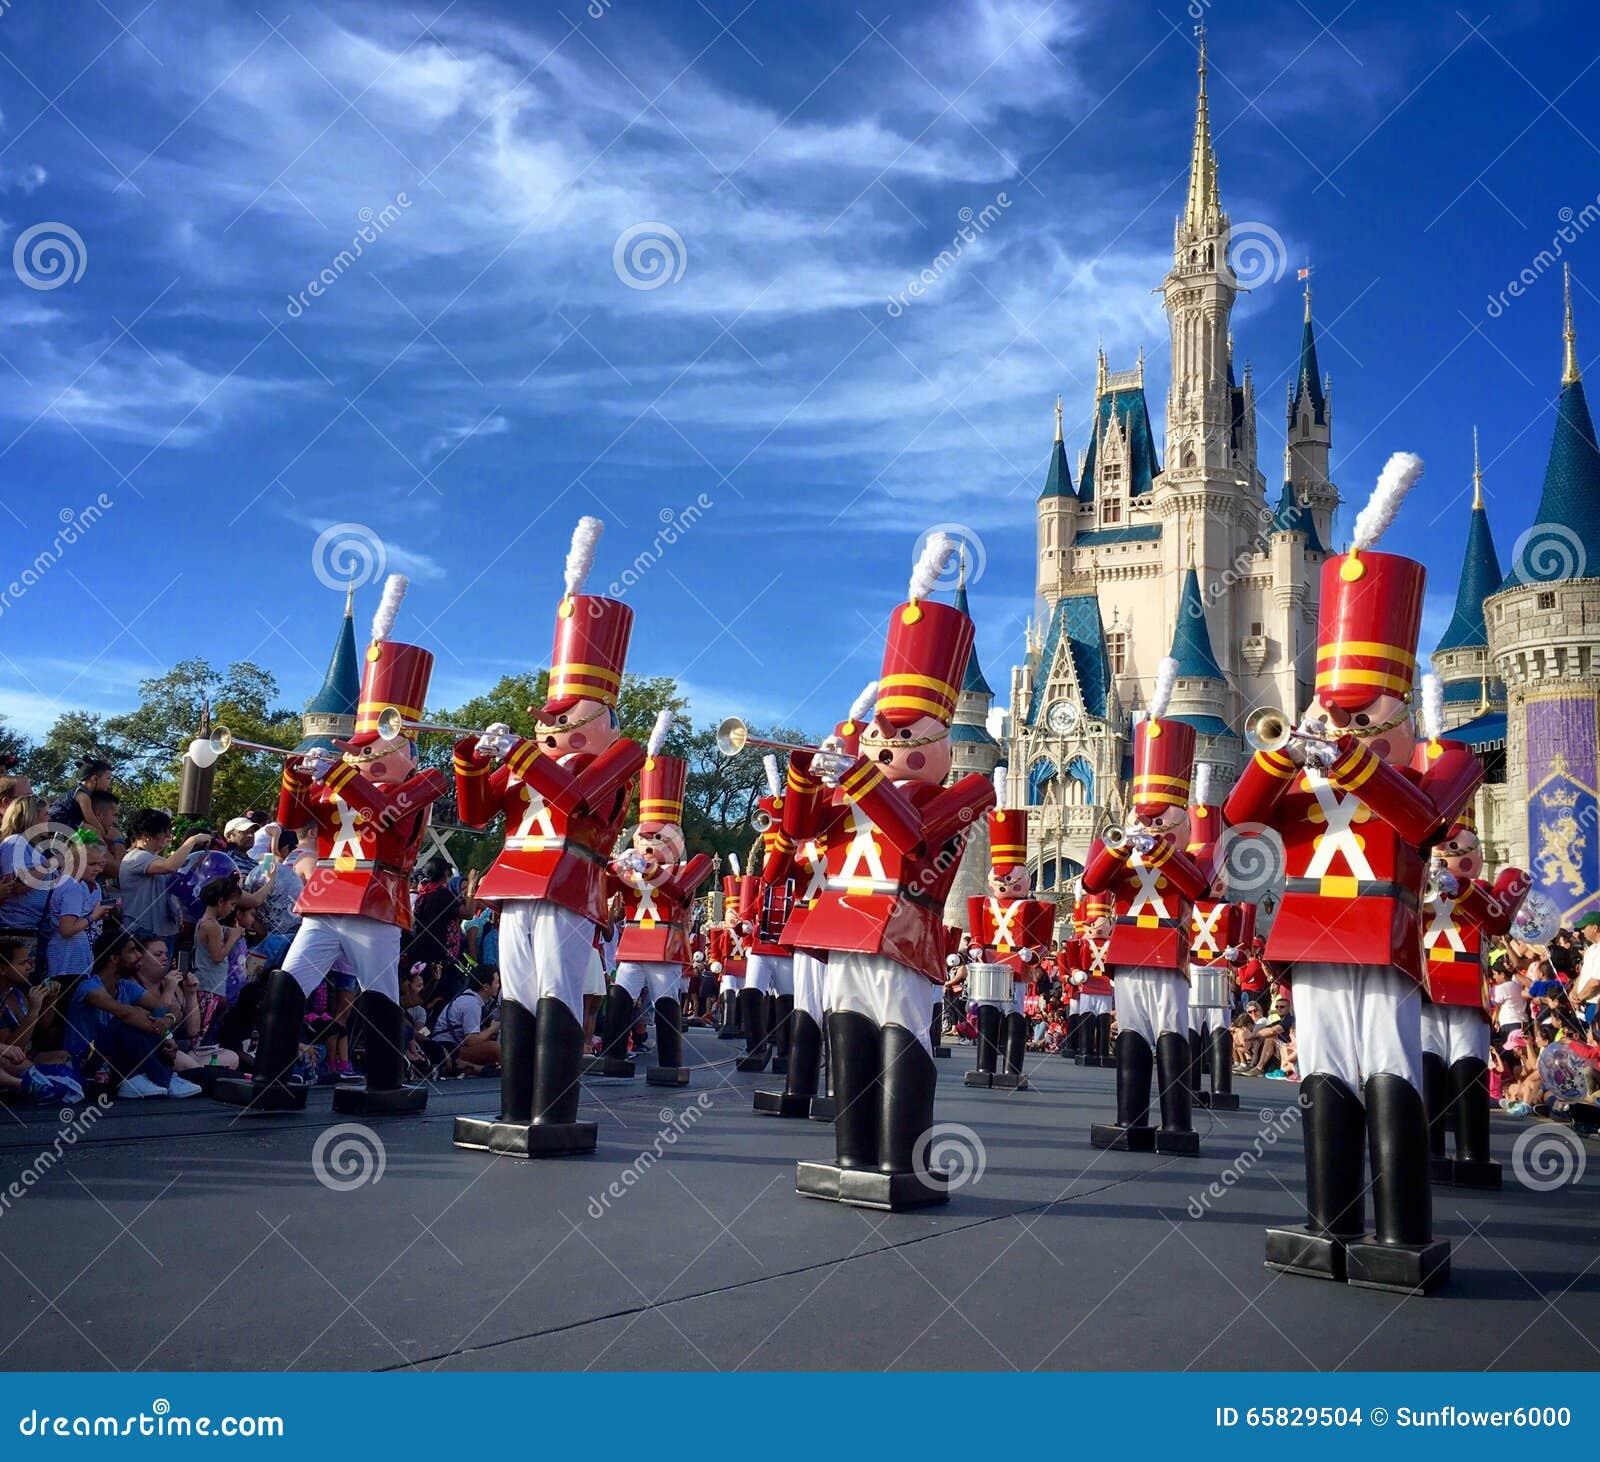 Parada dos feriados de Chistmas do mundo de Walt Disney